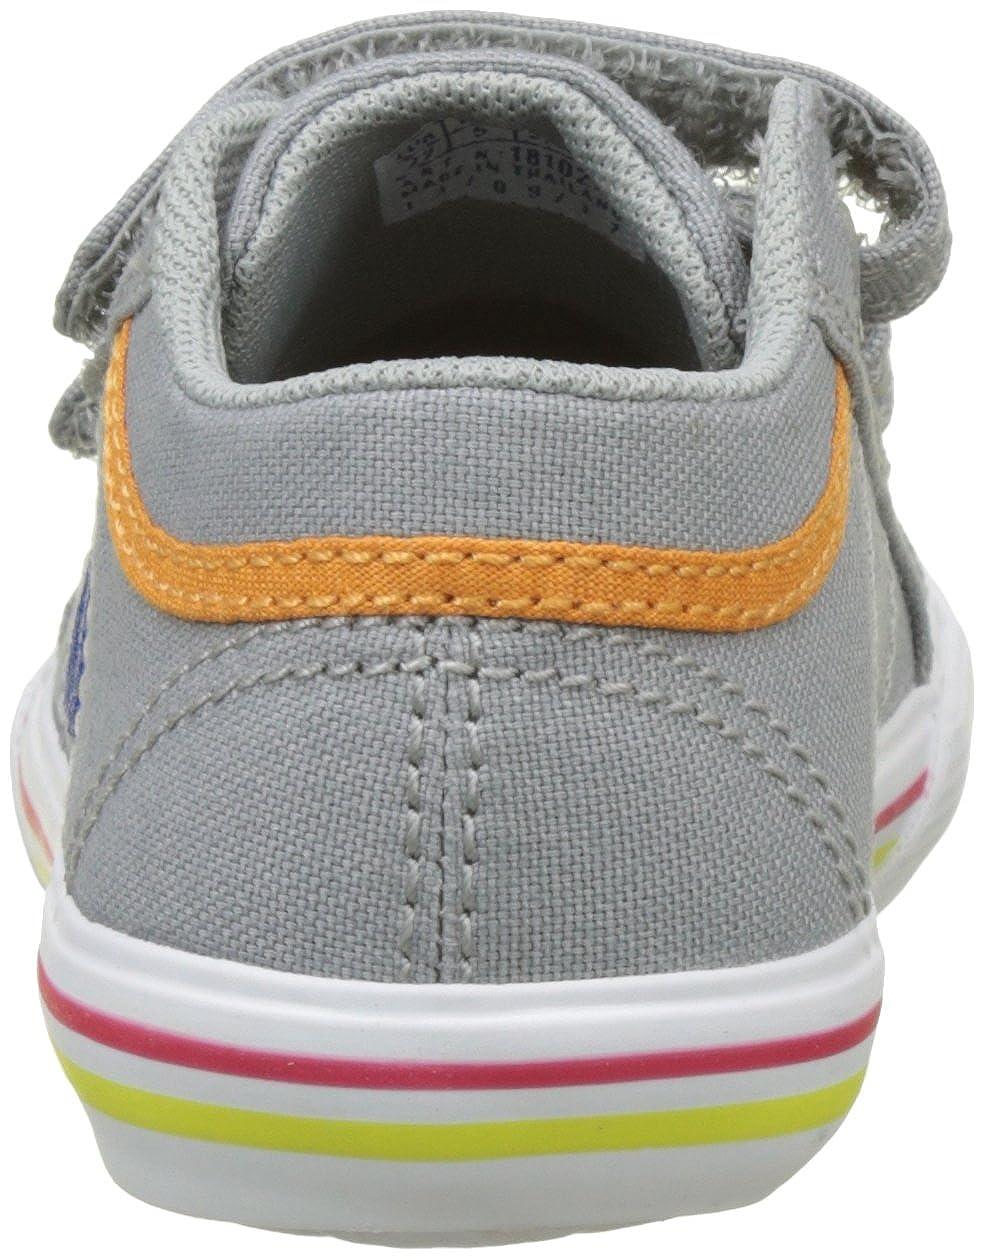 d8e468d6b083 Le Coq Sportif Saint Gaetan Inf CVS, Baskets Mixte bébé: Amazon.fr:  Chaussures et Sacs